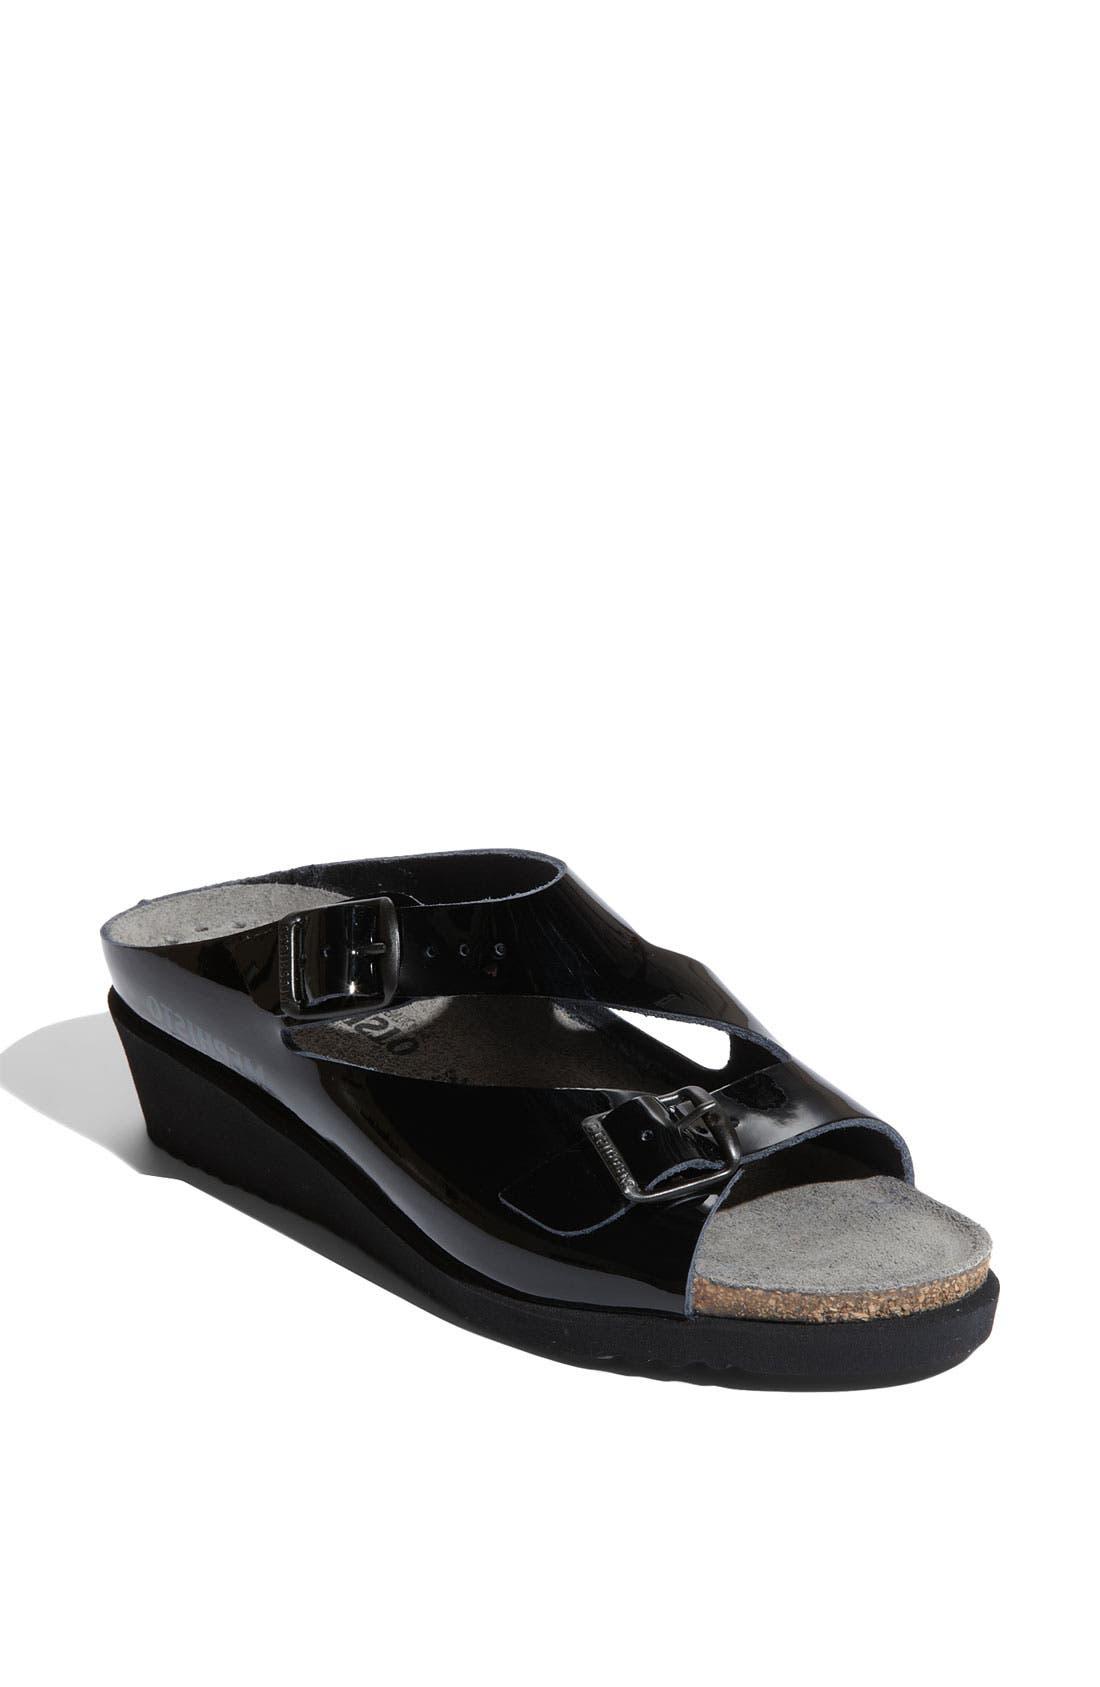 Main Image - Mephisto 'Elka' Sandal